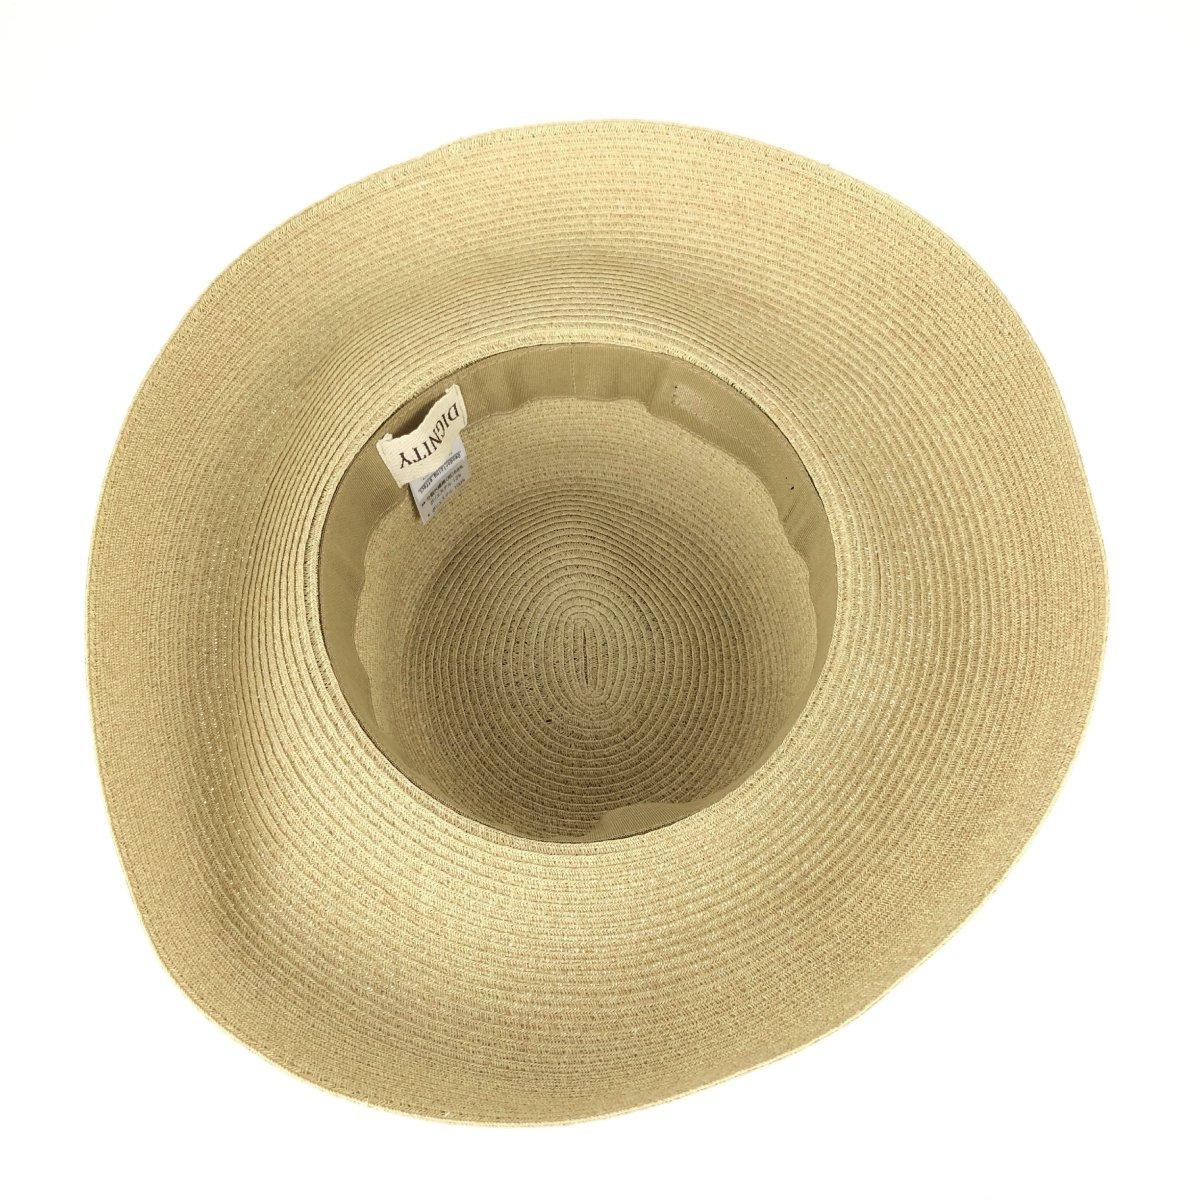 Graceful Casablanca Hat 詳細画像5